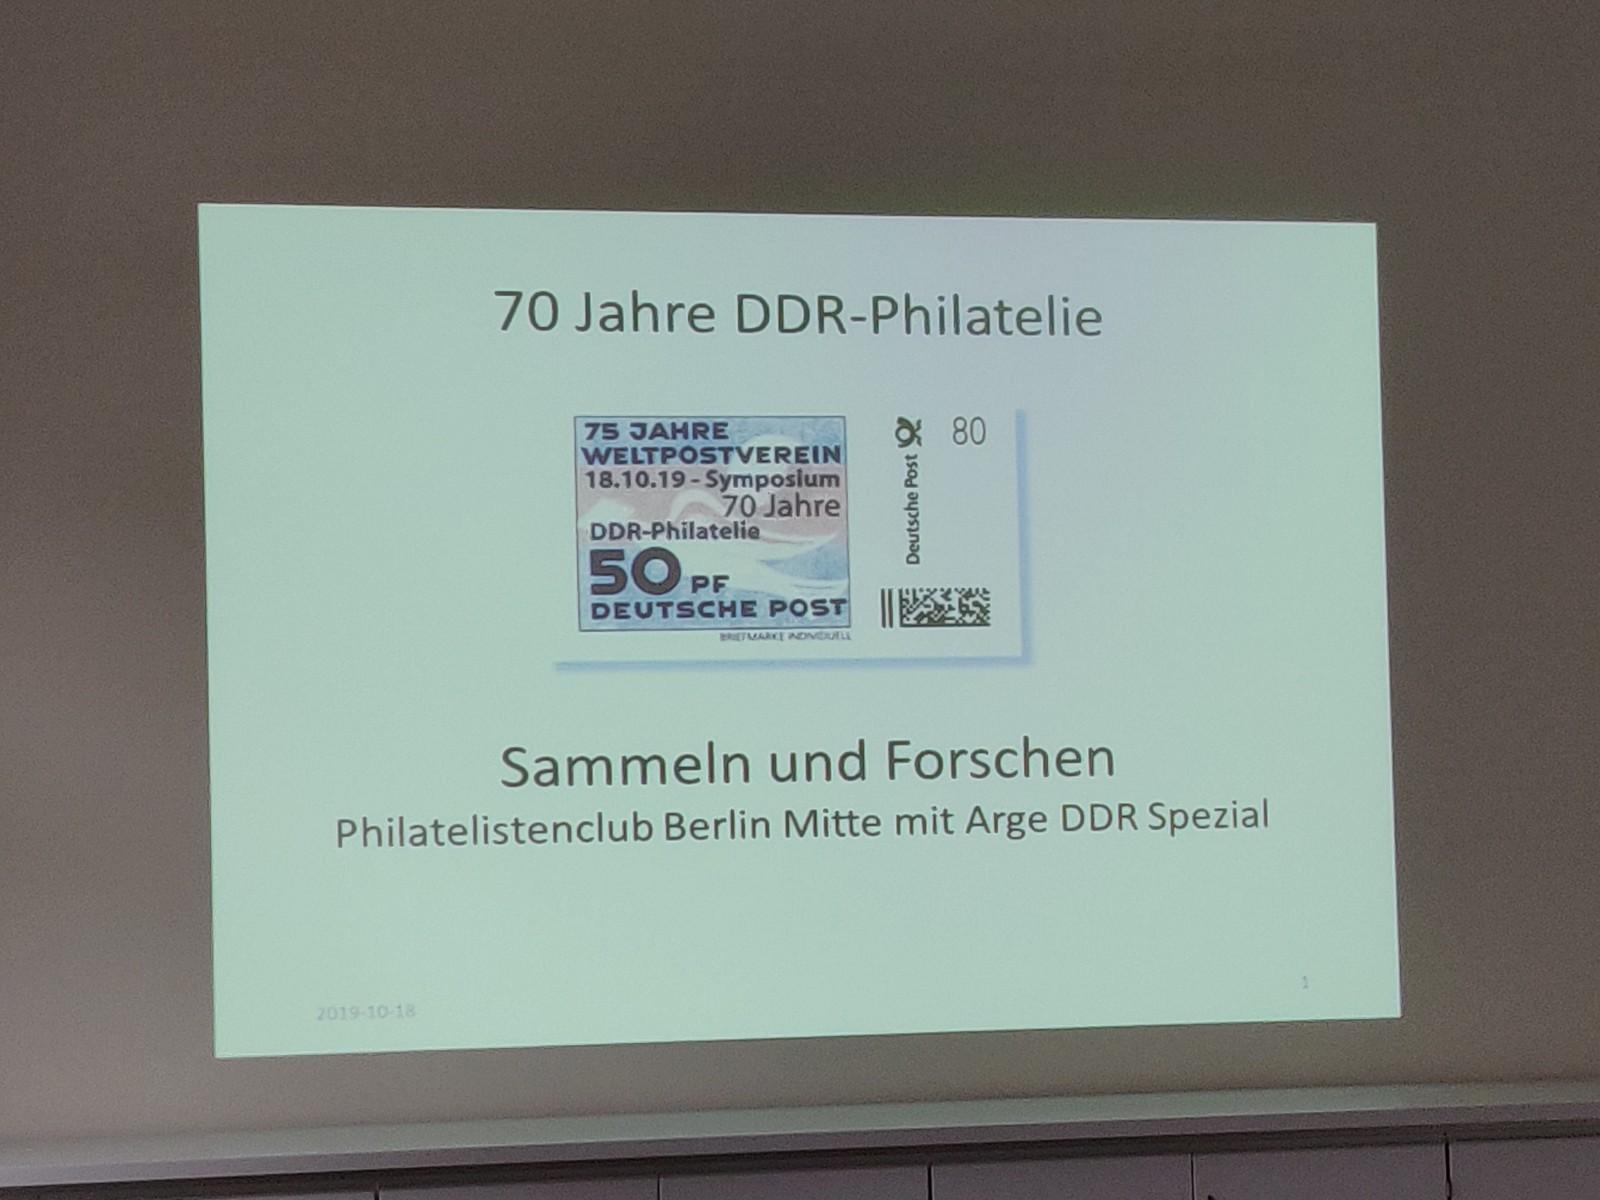 DDR Philatelie Symposium 70 Jahre